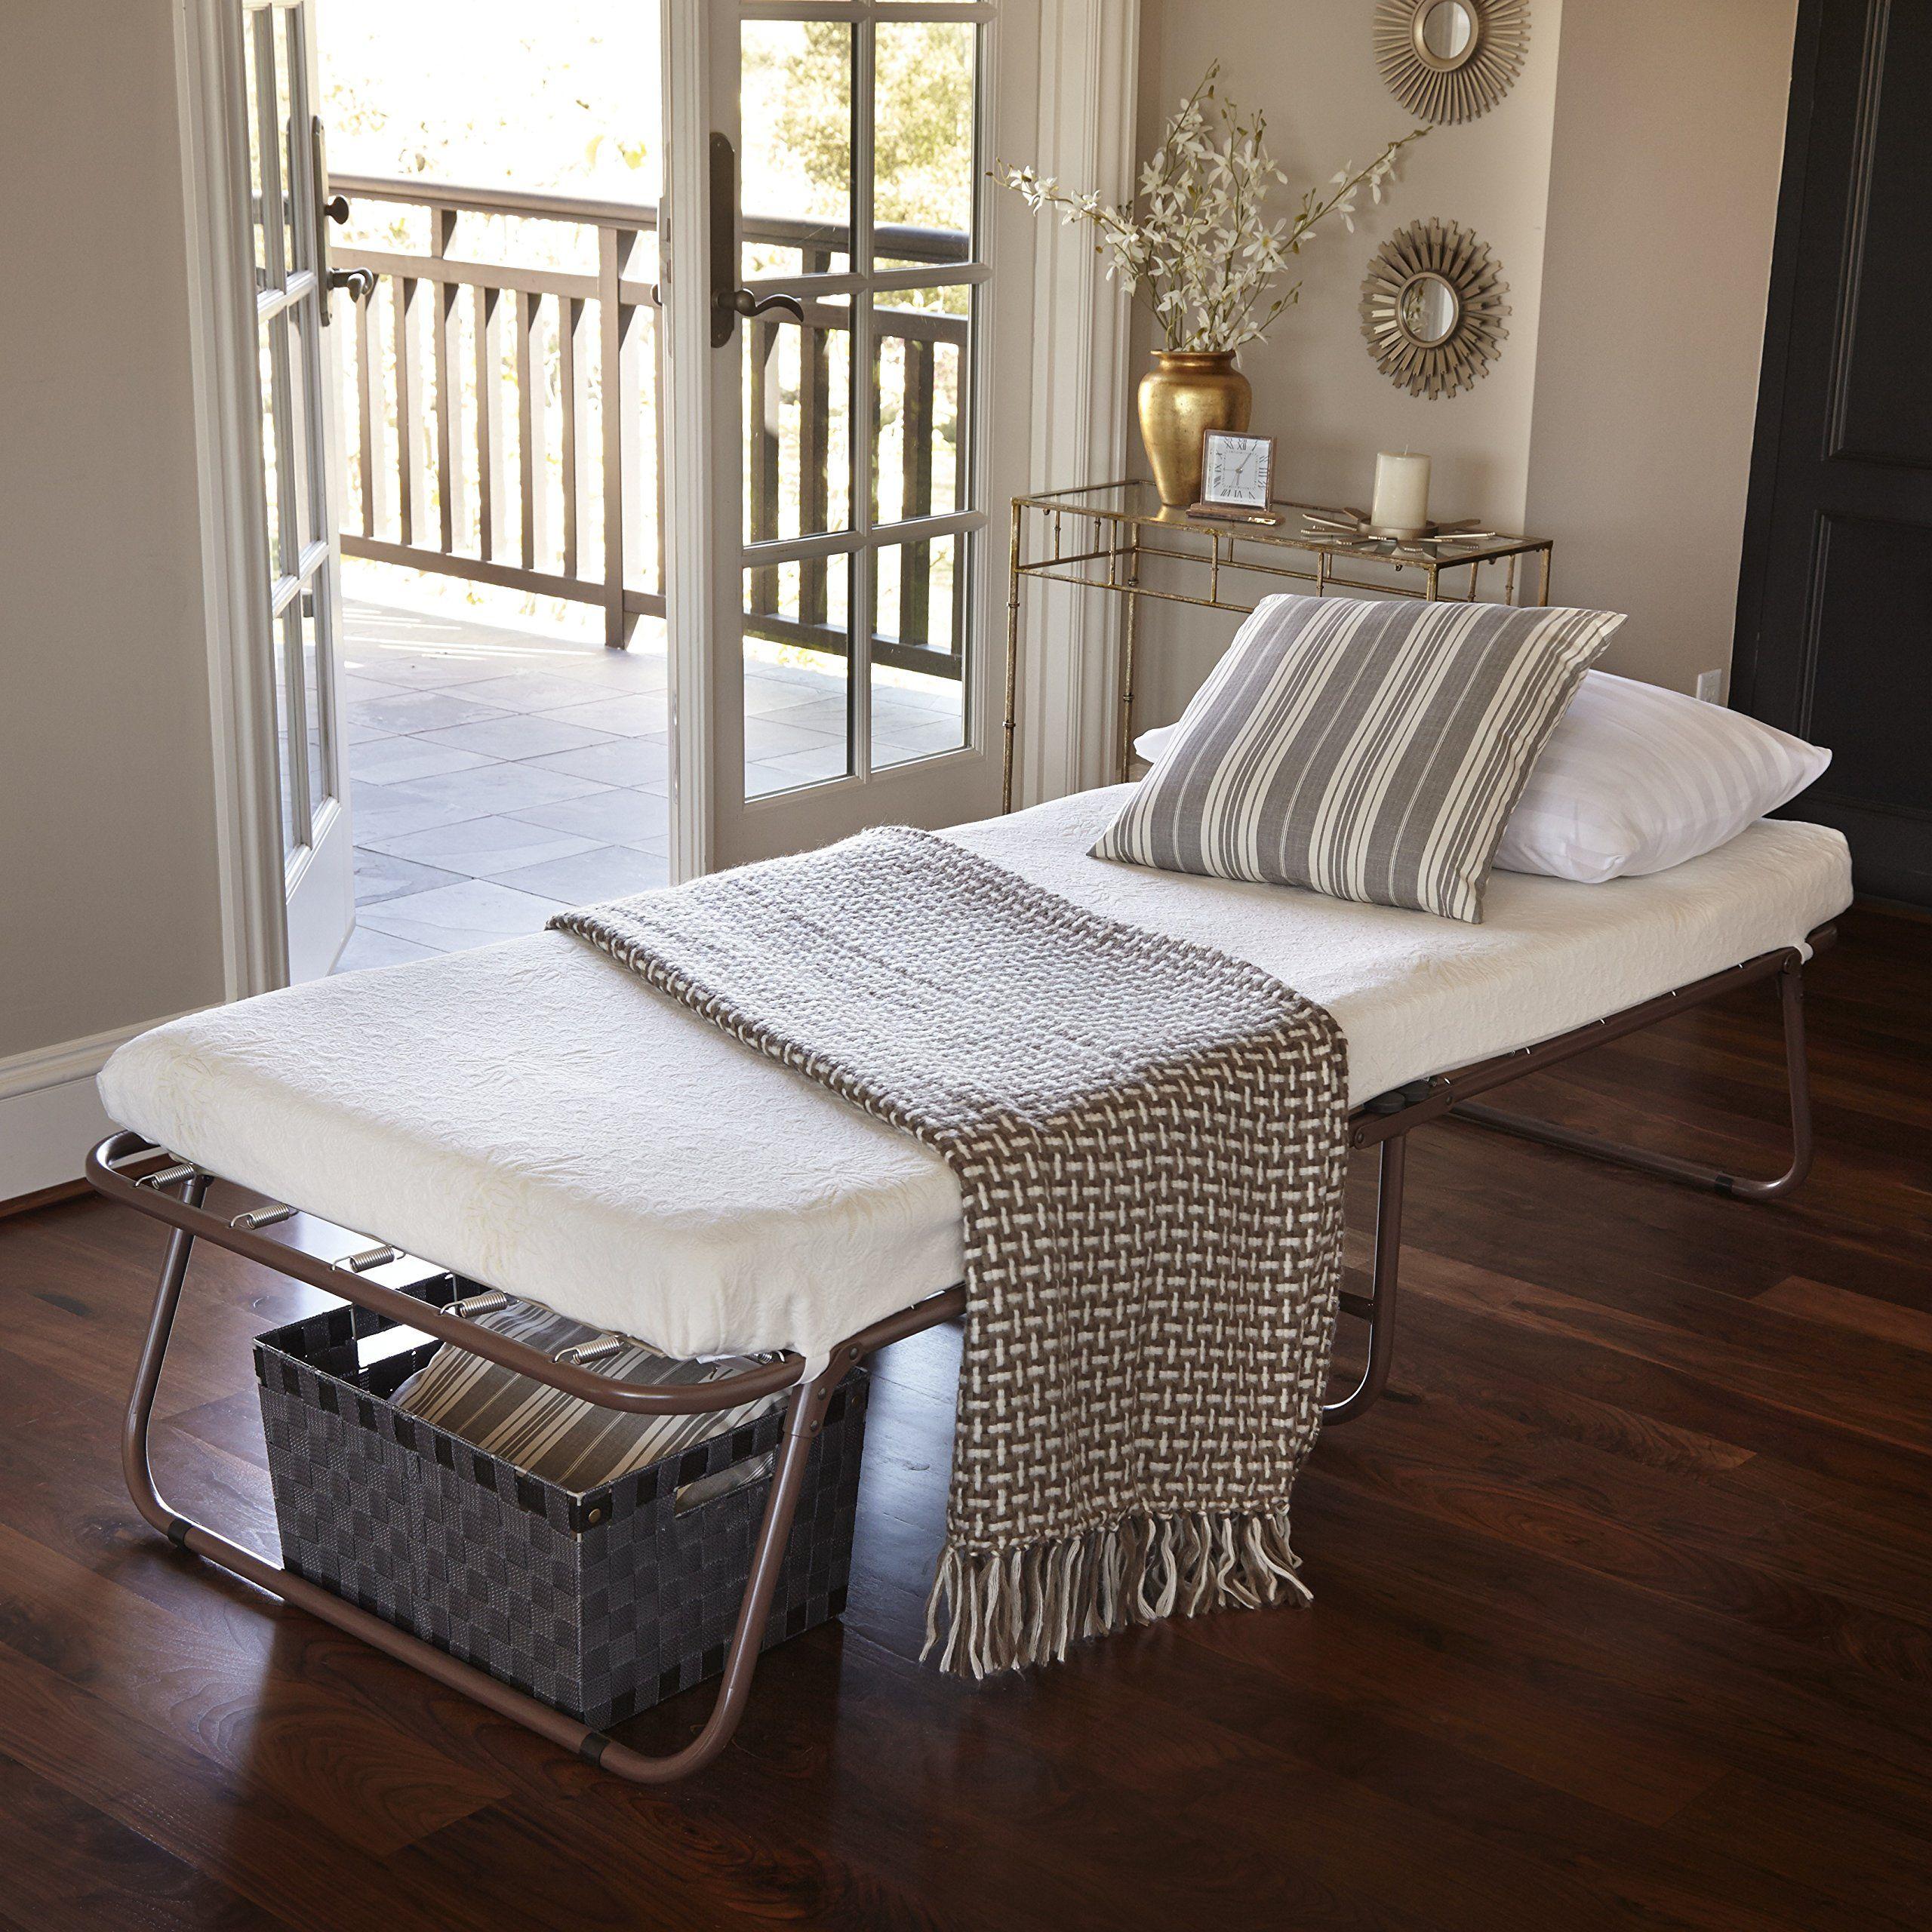 Zinus sleep master traveler deluxe folding memory foam guest bed